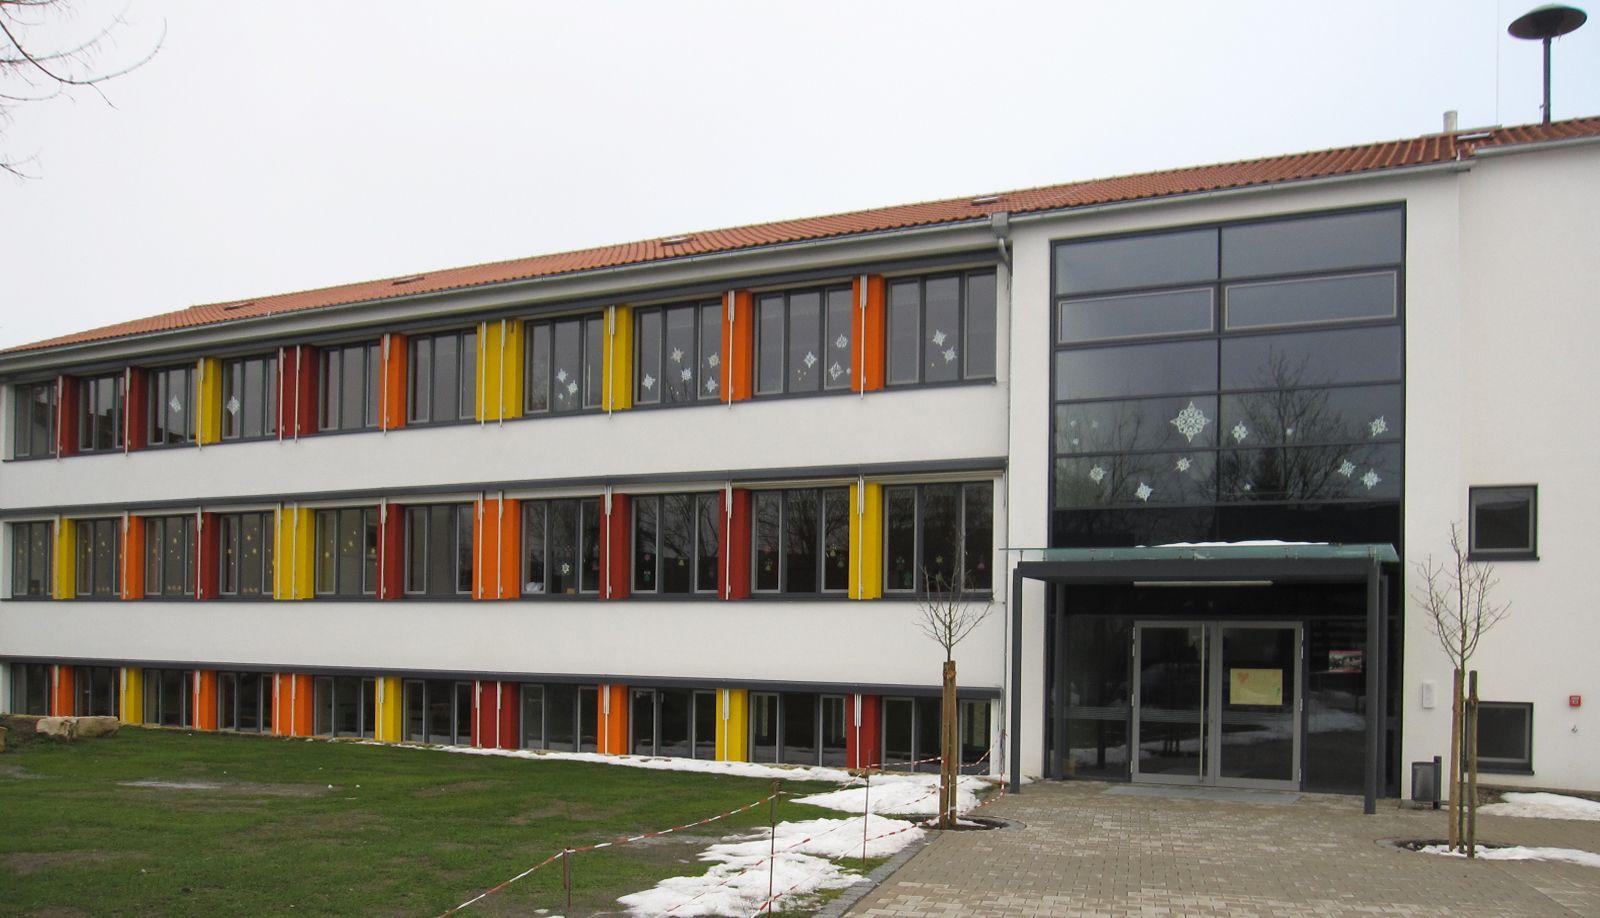 Grund- und Mittelschule, Lisberg